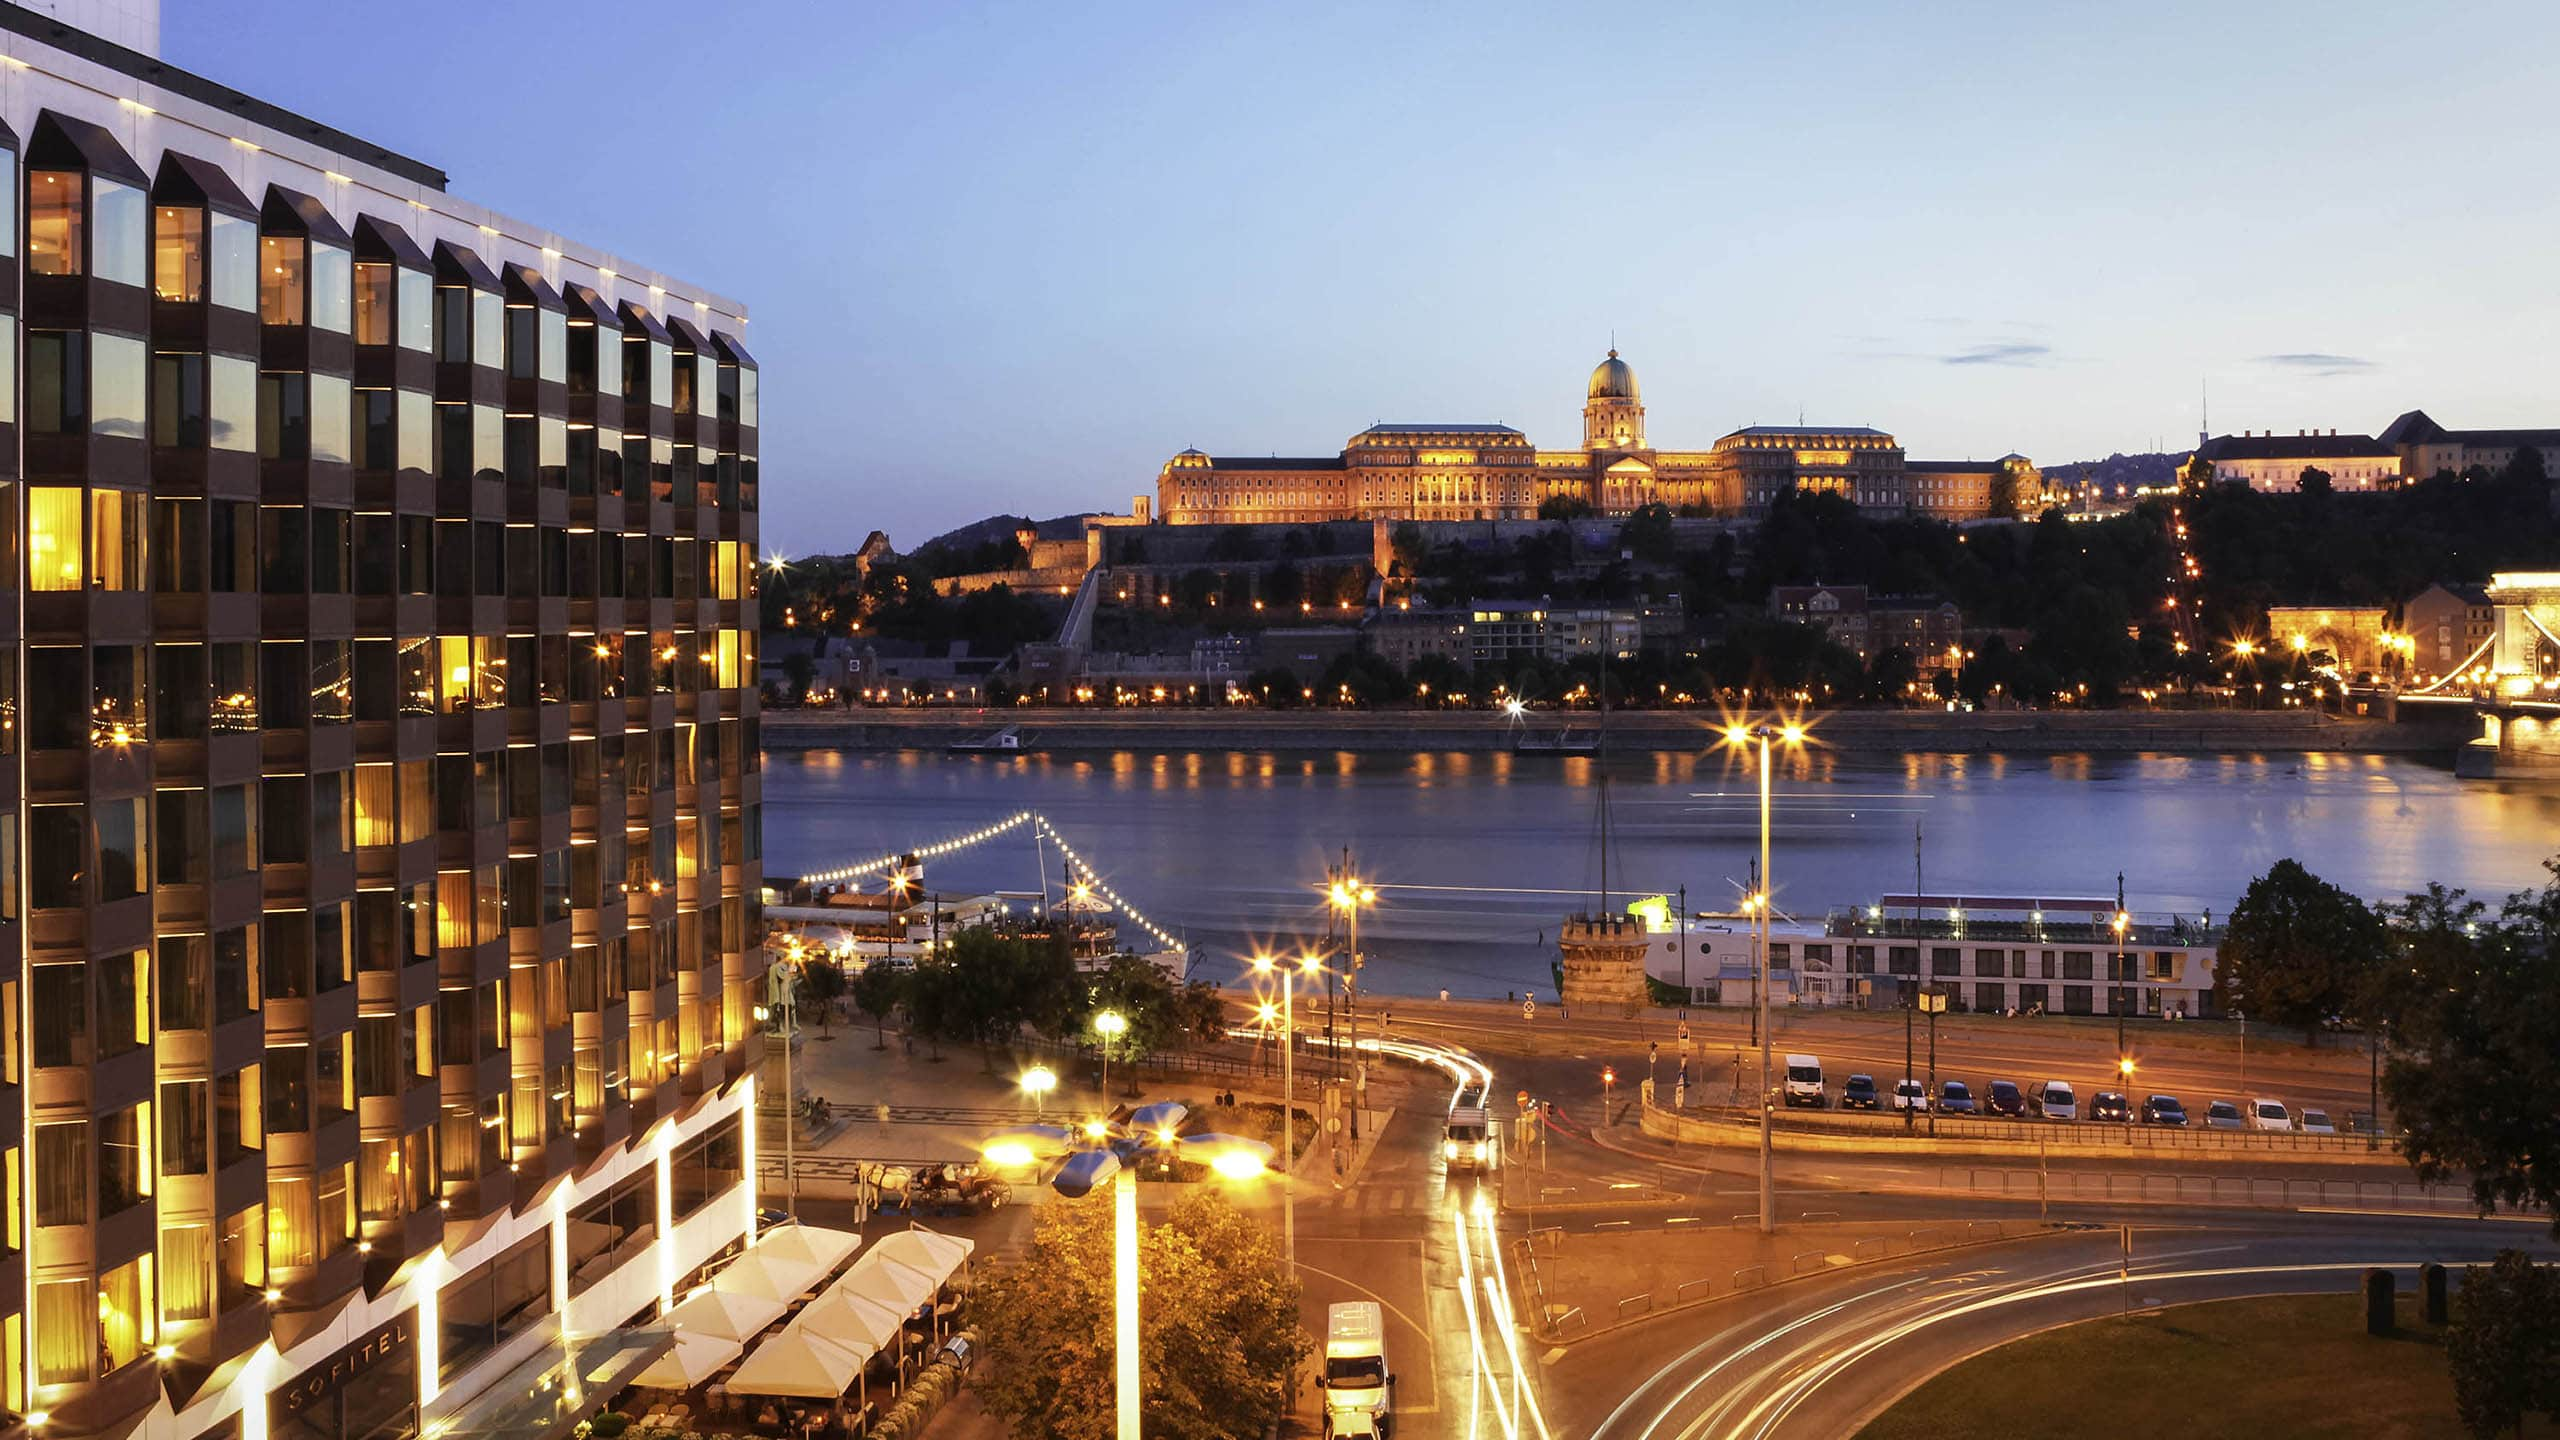 Sofitel Hotel Budapest